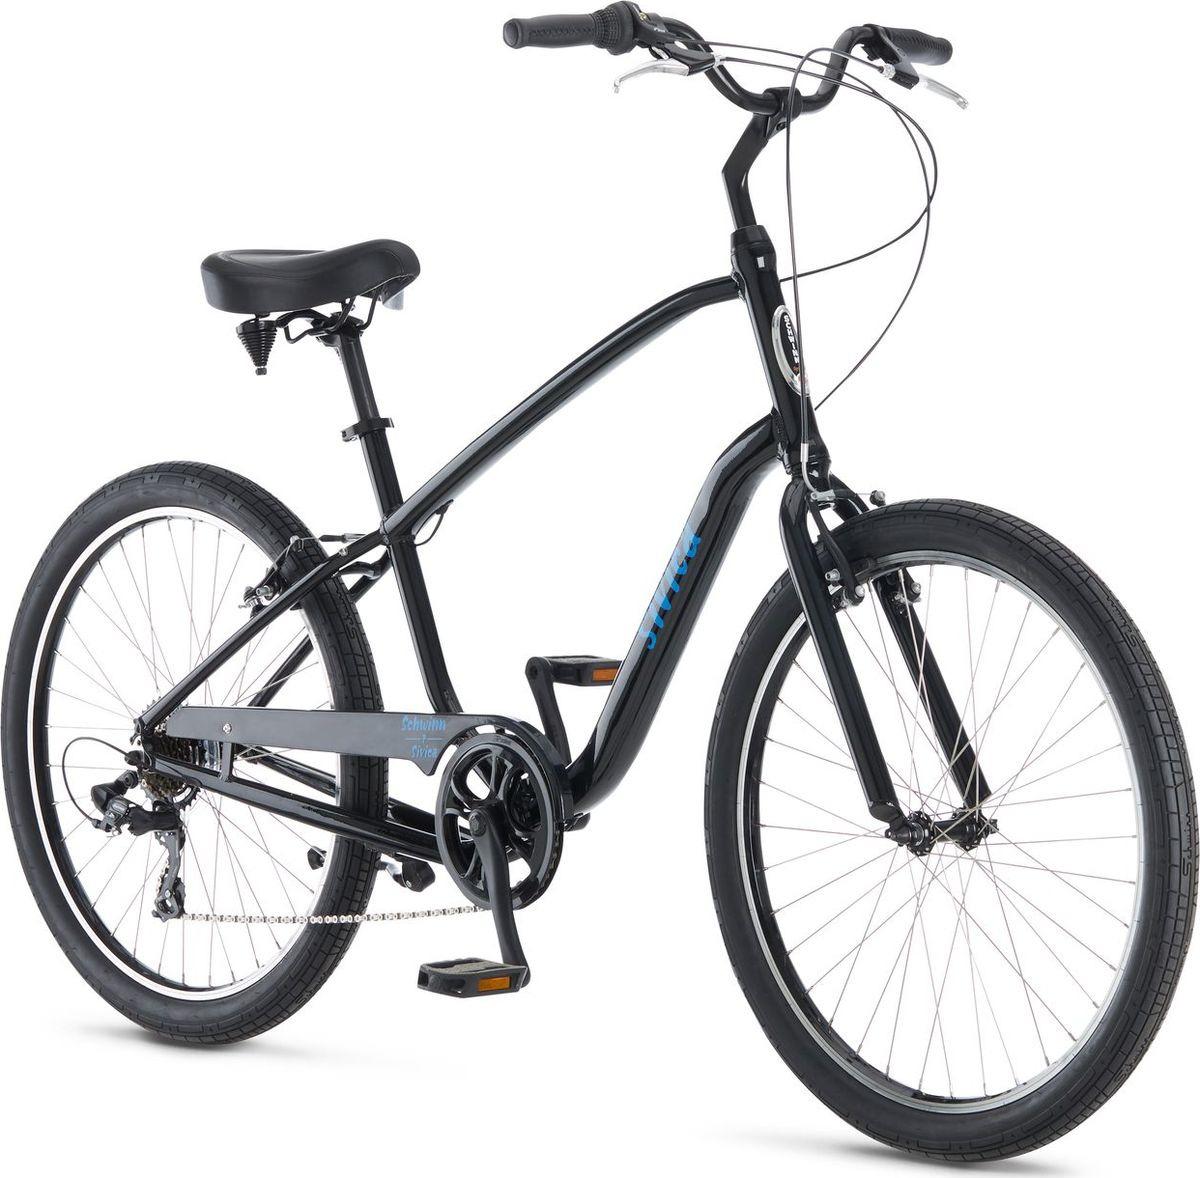 Велосипед городской Schwinn Sivica 7, колесо 26, черный, 7 скоростей велосипед schwinn perla 7 2018